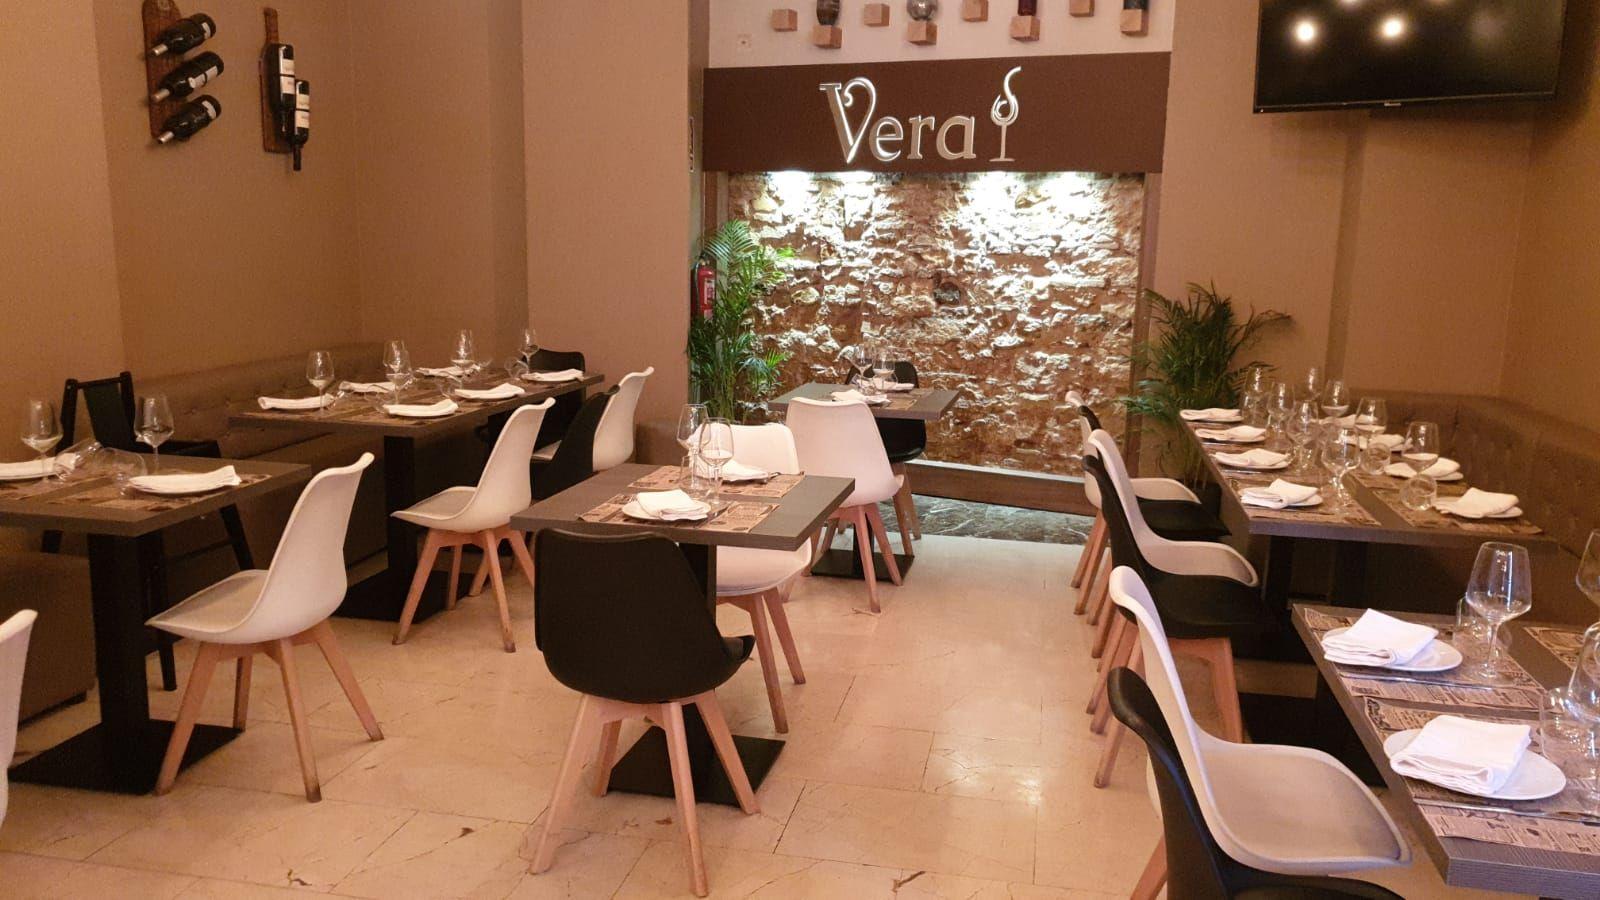 Foto 57 de Restaurante ecuatoriano en Valencia | Vera Restaurante